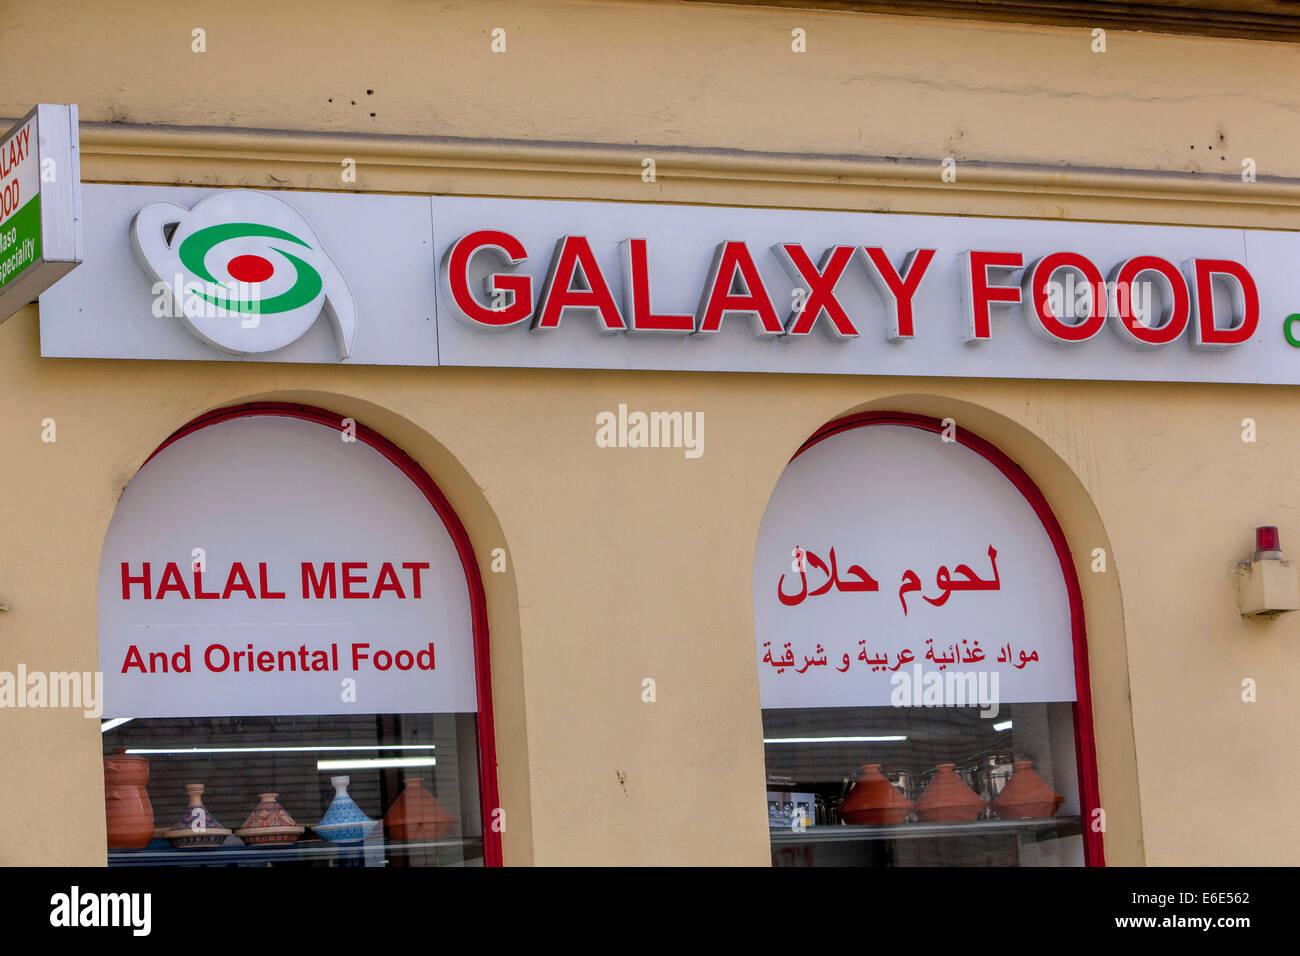 Halal Food Stock Photos & Halal Food Stock Images - Alamy